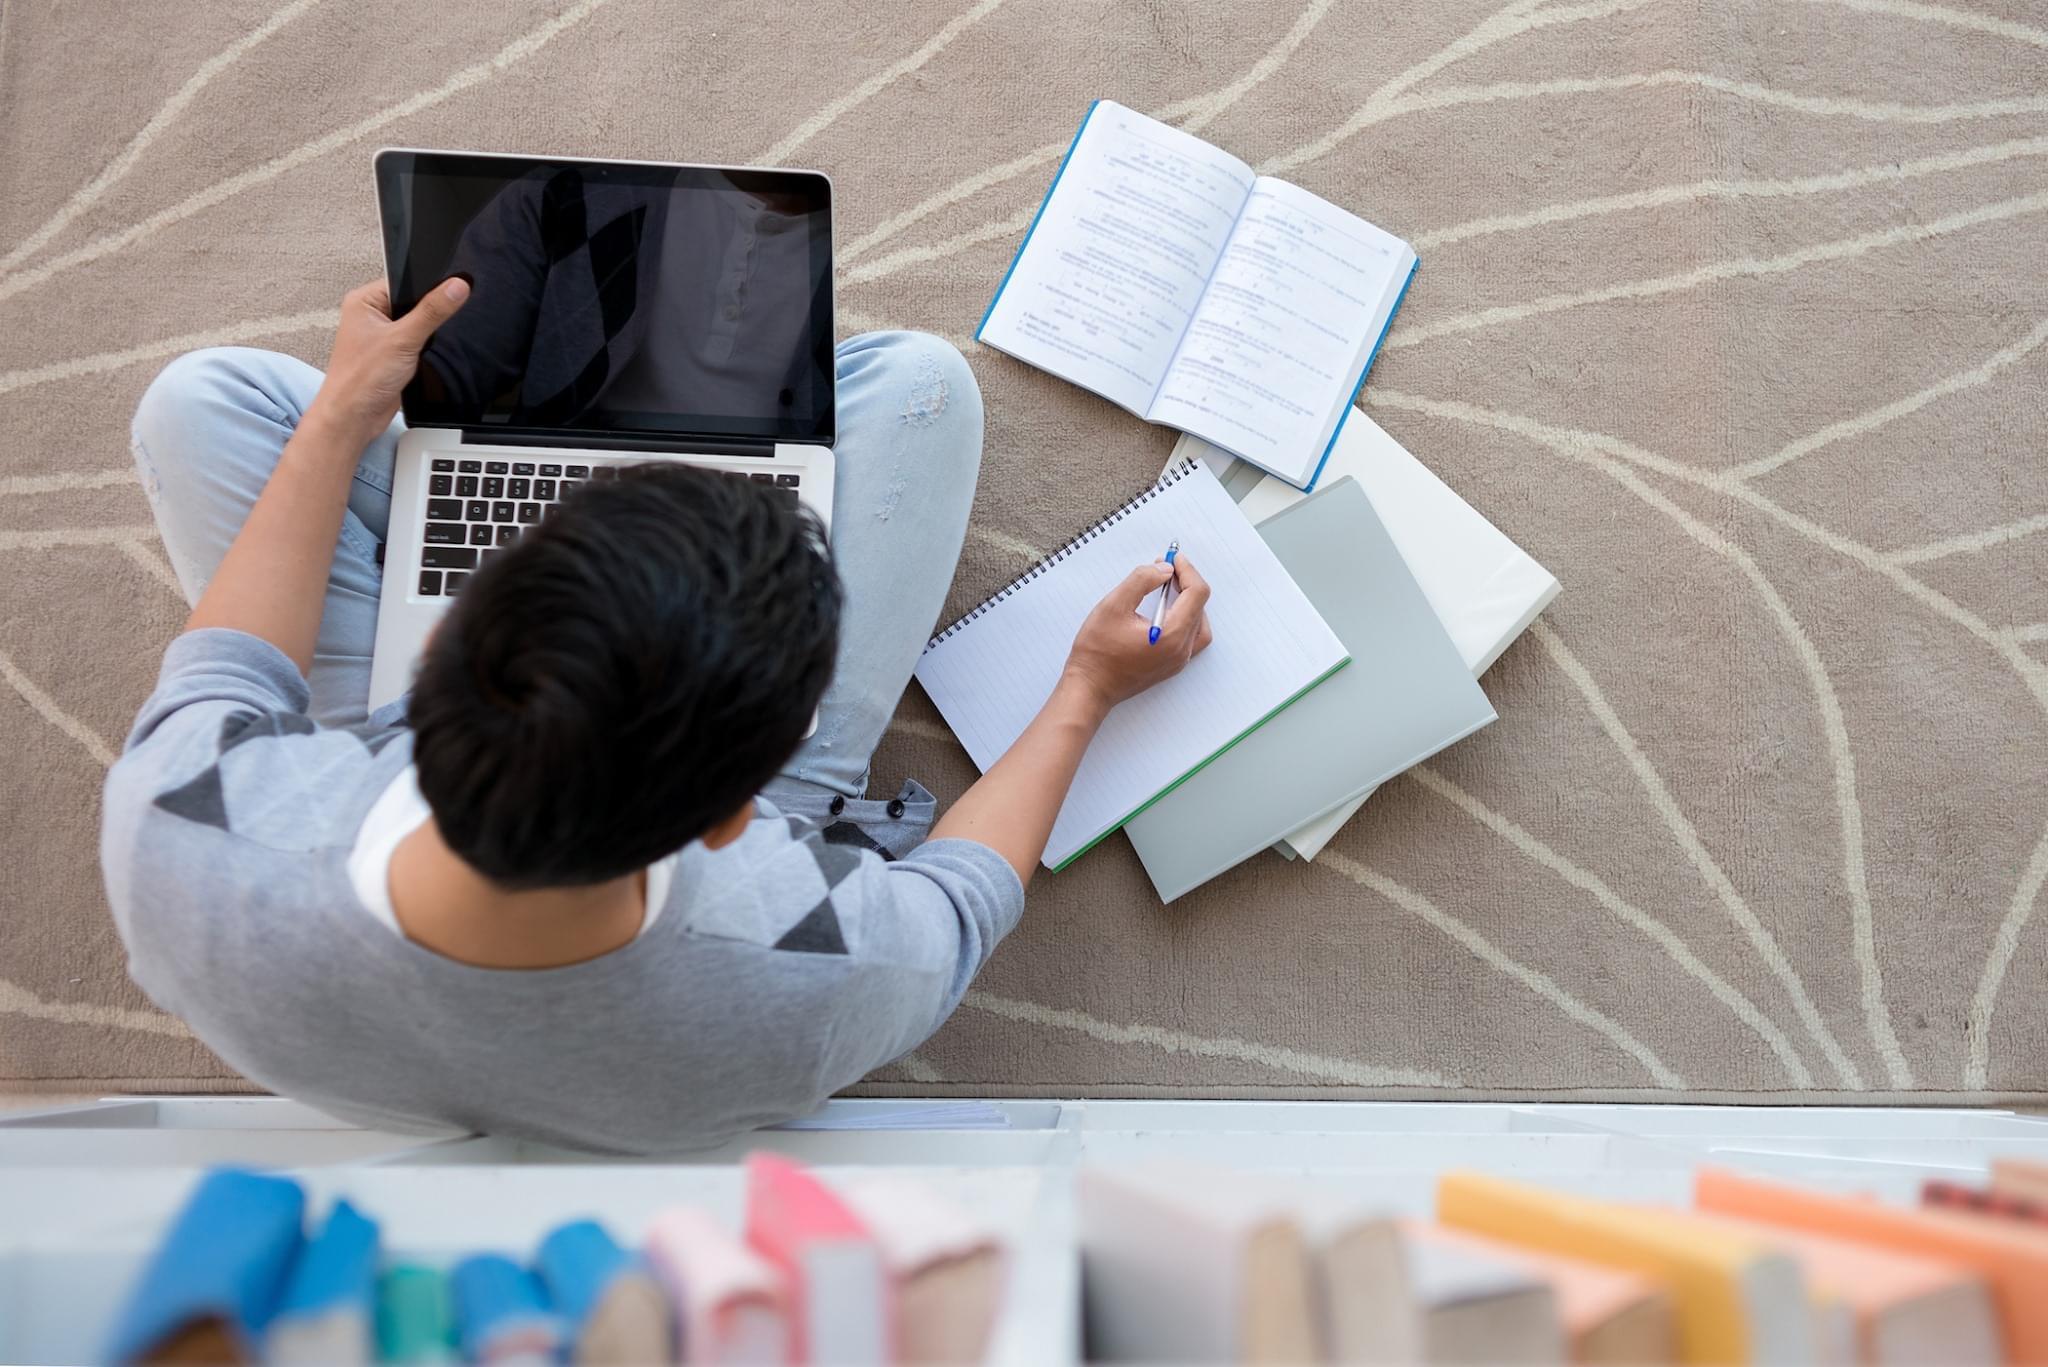 जापानमा अनलाइन कक्षा प्रभावकारी ! विश्वविद्यालयका बहुसंख्यक विद्यार्थी अनलाइन पढाईमा सन्तुष्ट